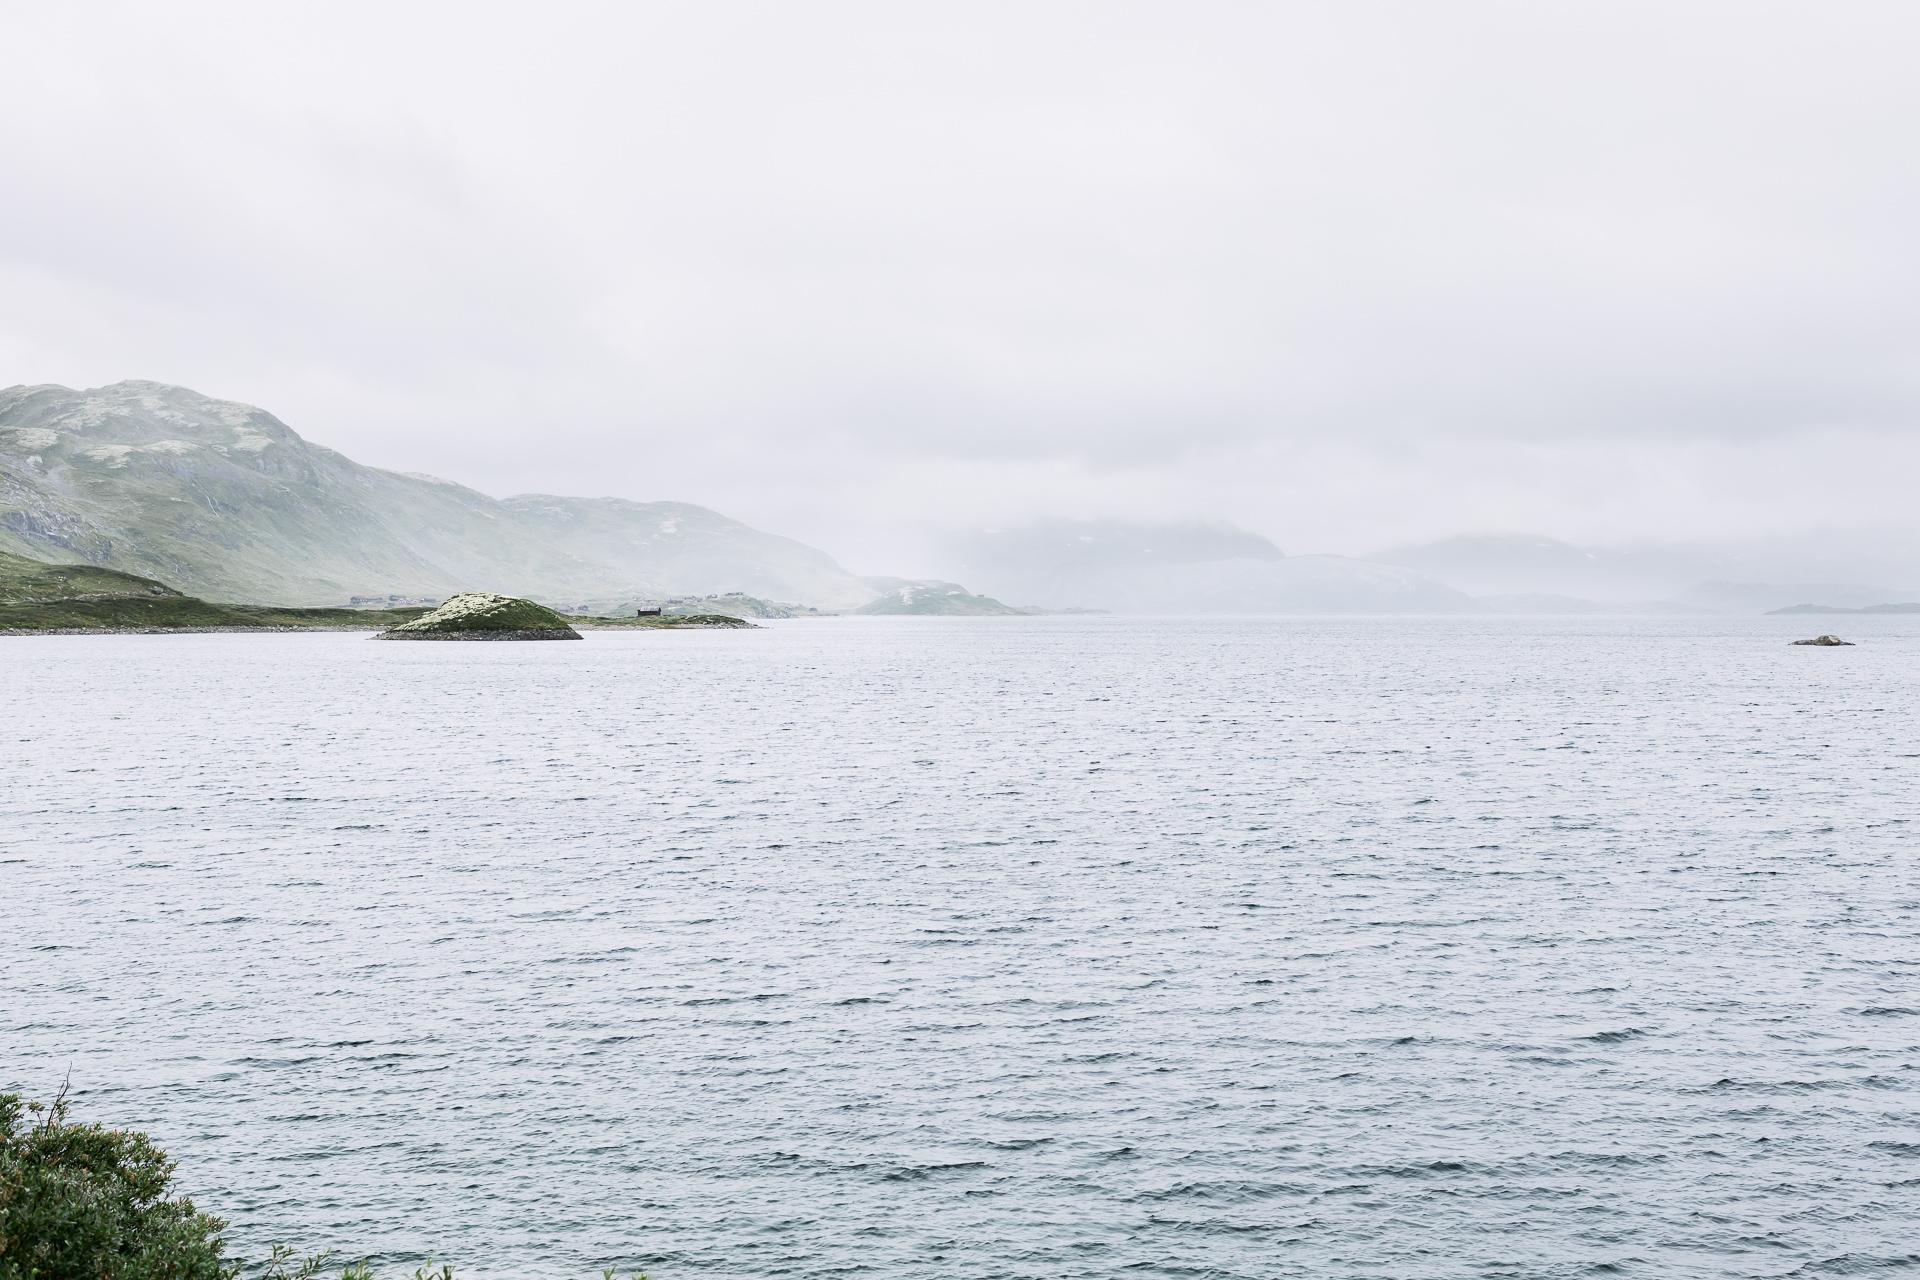 20190813_1513_Norwegen_0000000537-3